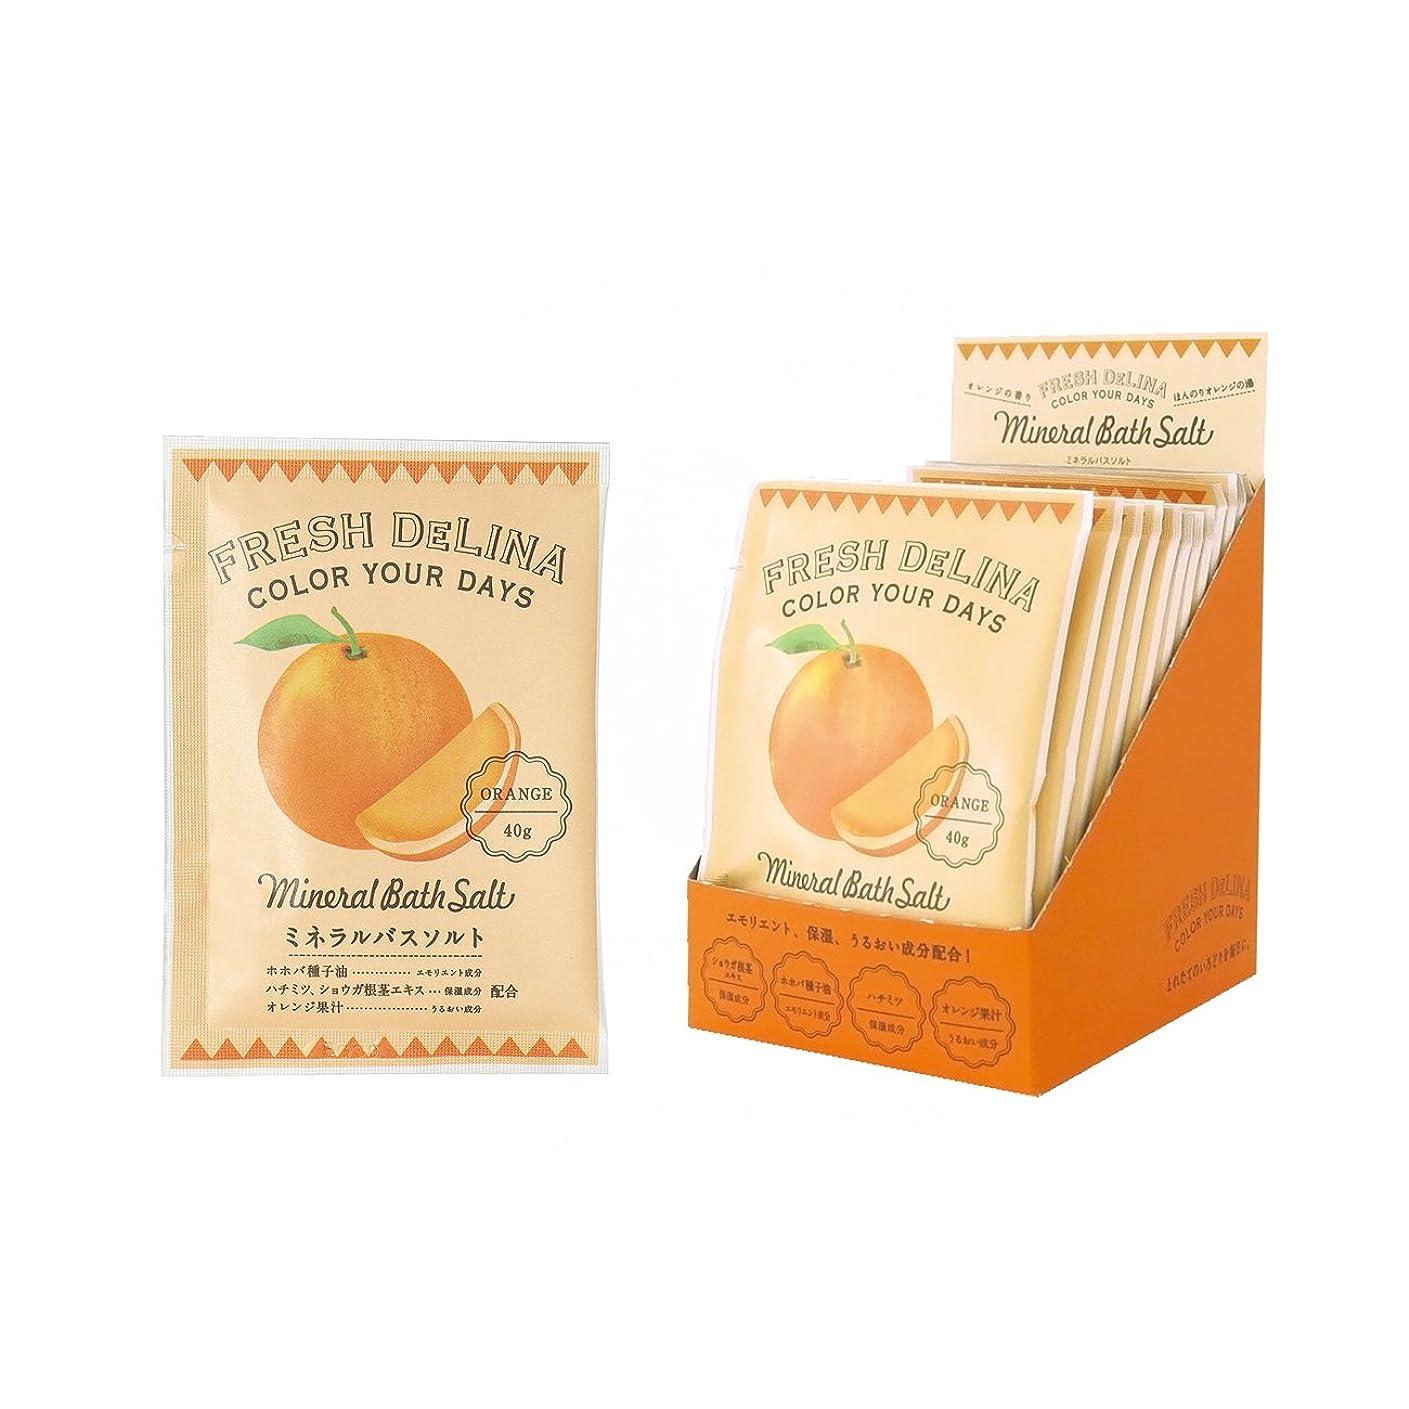 滞在サミュエル無実フレッシュデリーナ ミネラルバスソルト40g(オレンジ) 12個 (海塩タイプ入浴料 日本製 フレッシュな柑橘系の香り)